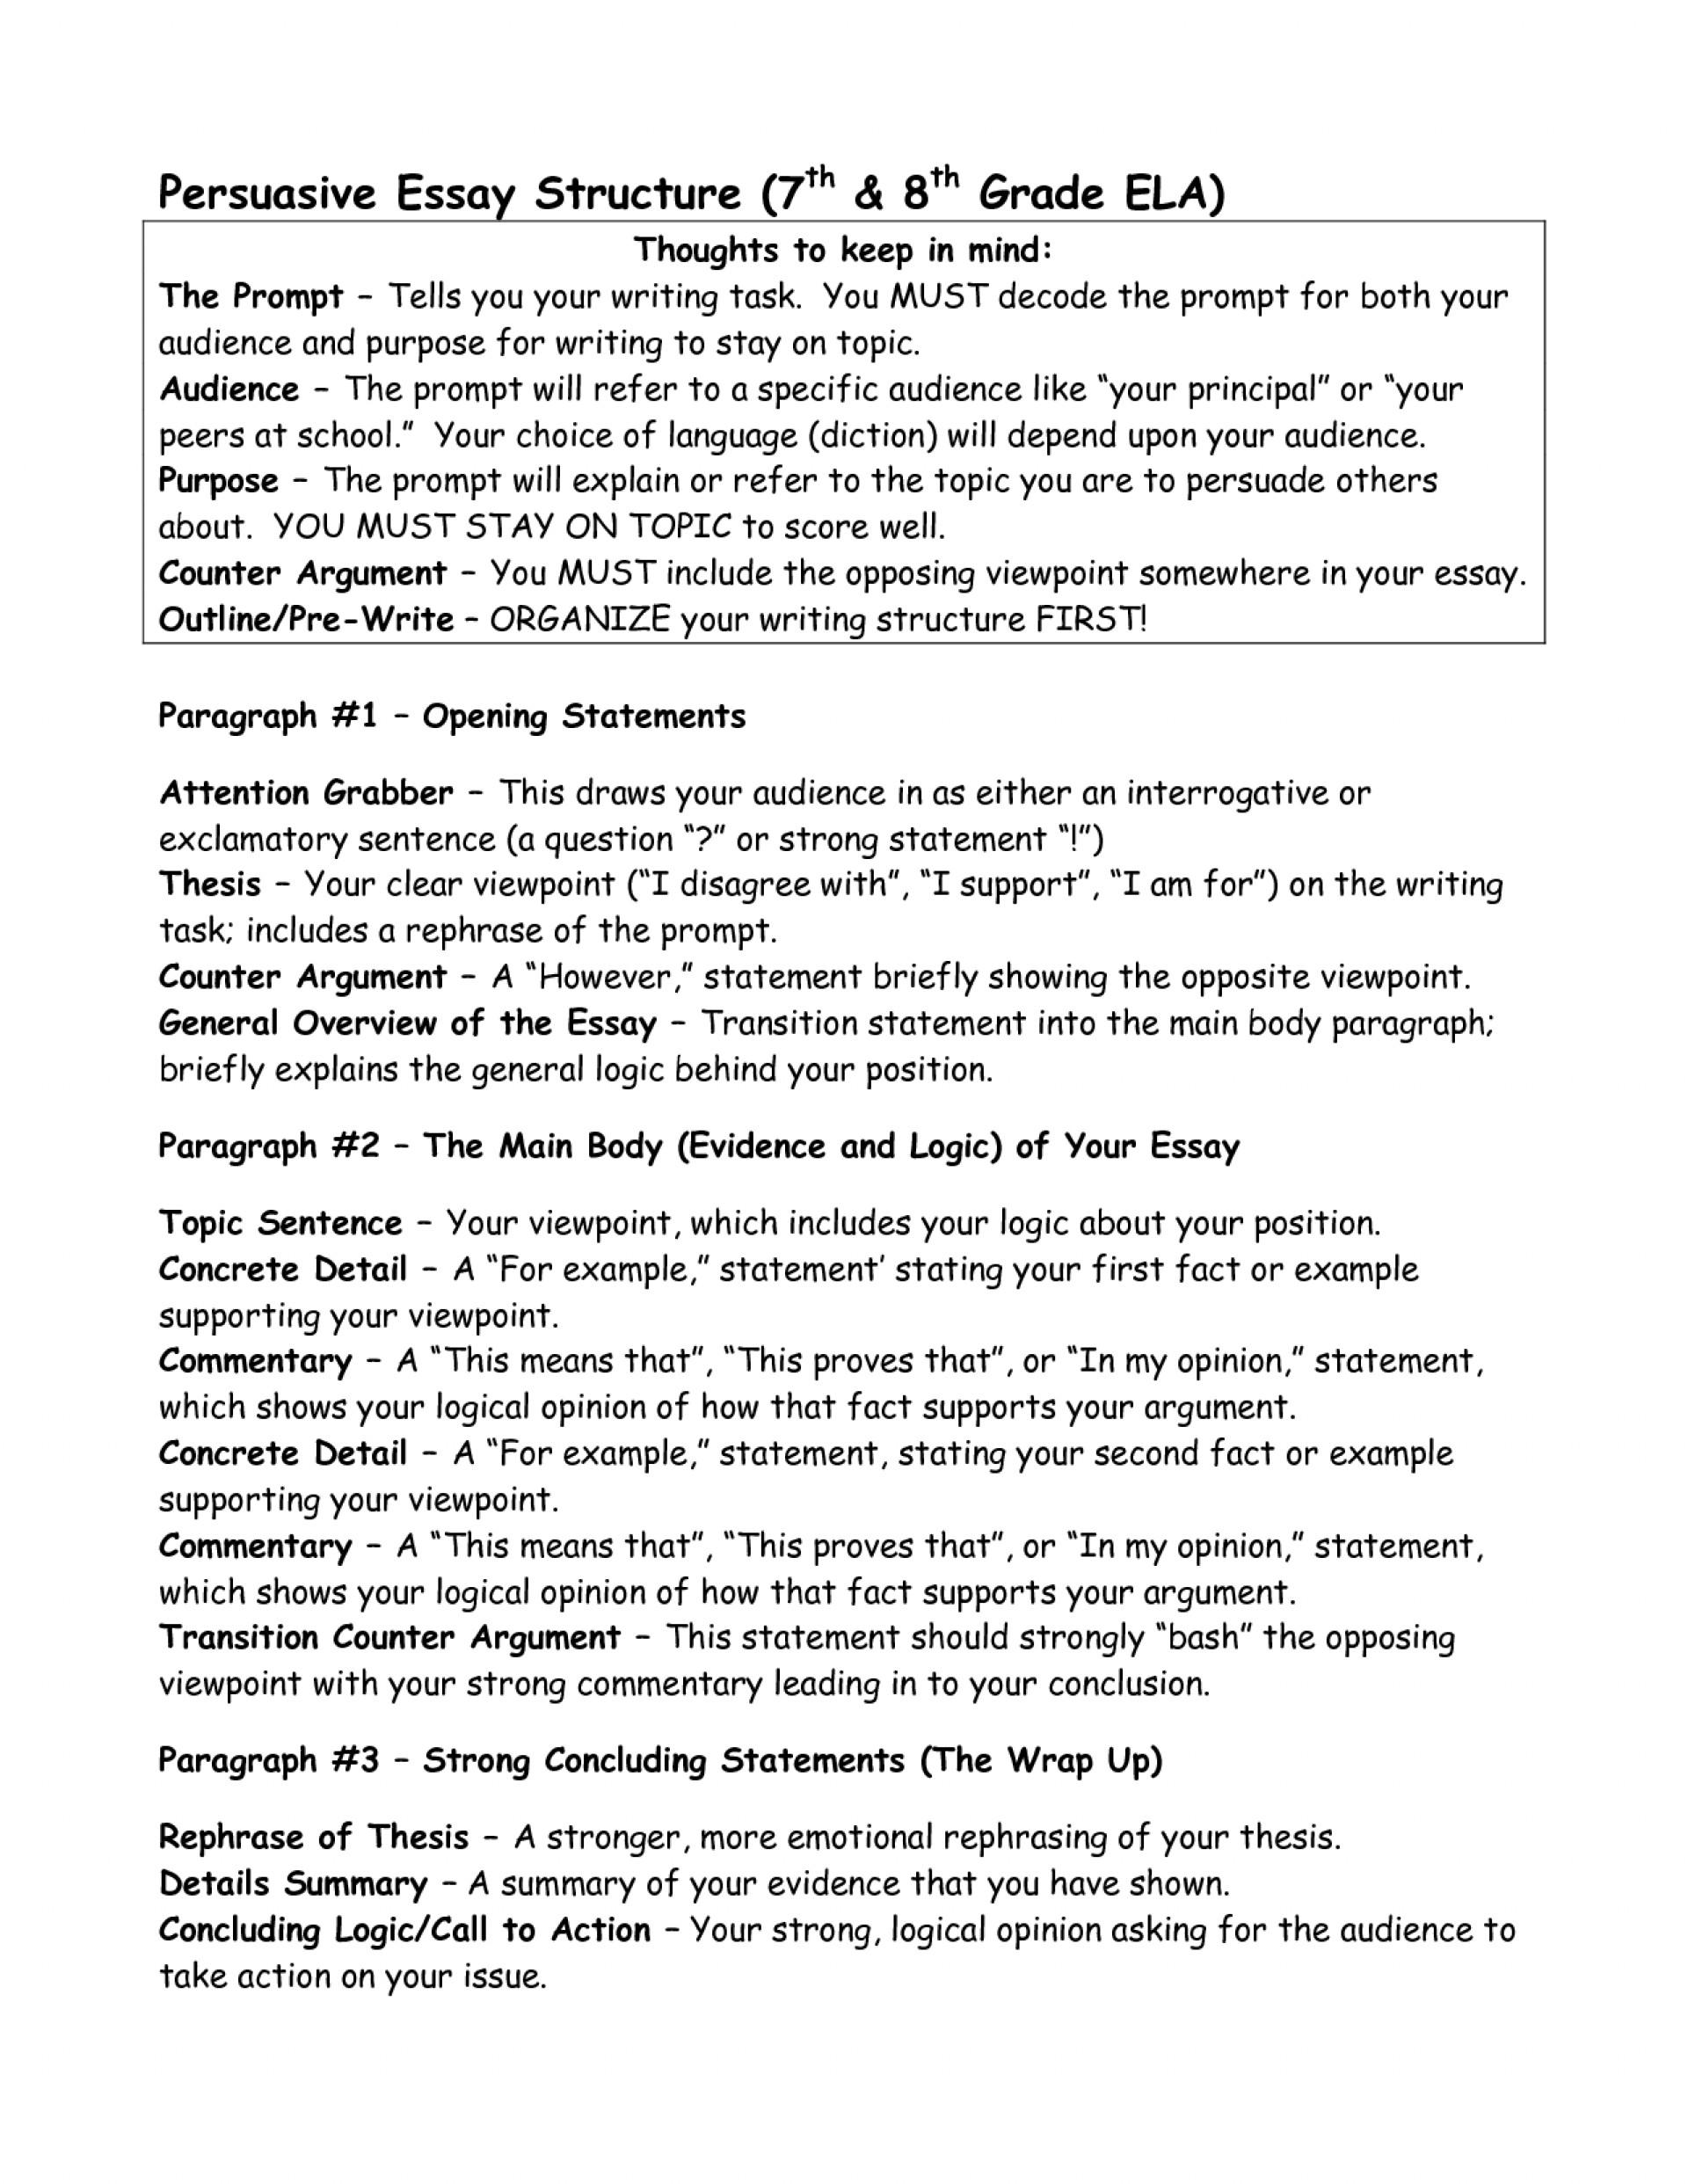 004 6th Grade Argumentative Essays 232762s Shocking Essay Examples Persuasive 1920